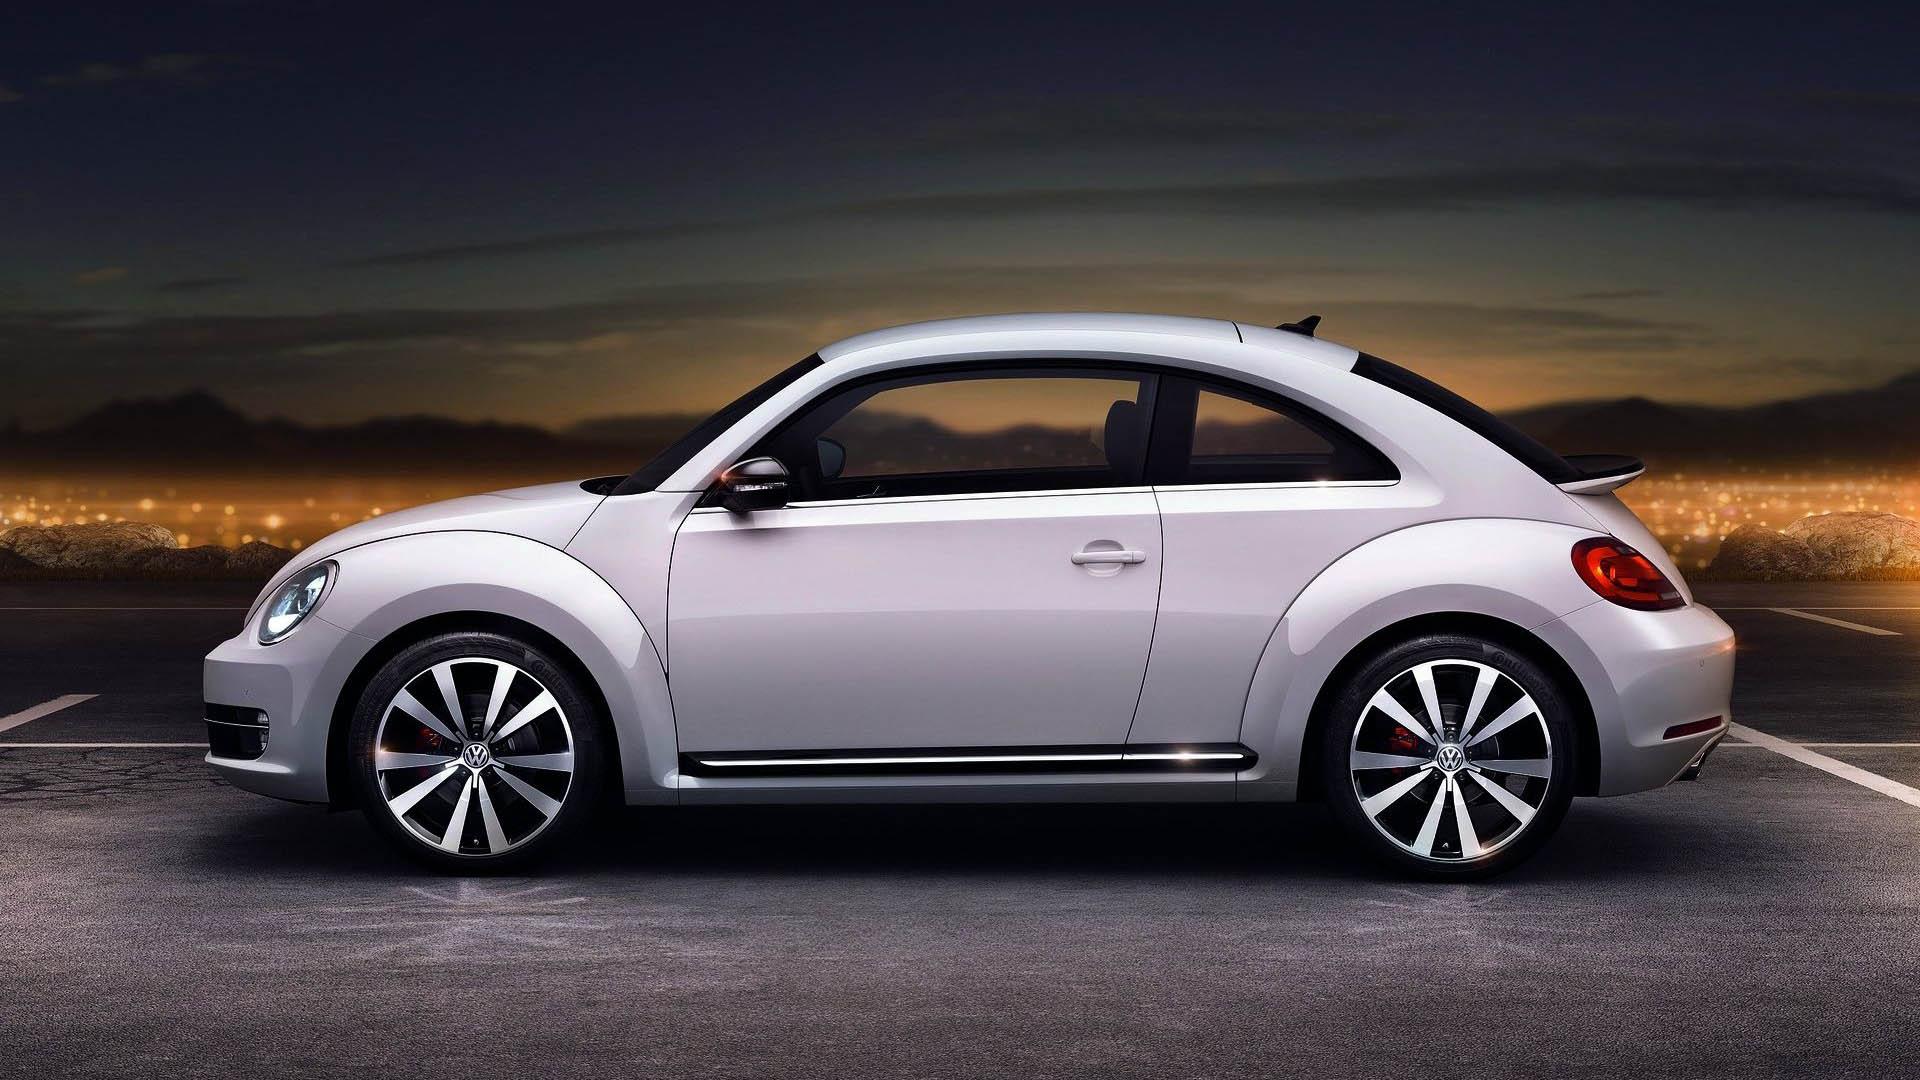 Volkswagen Beetle 2012 Wallpaper 4 1920x1080